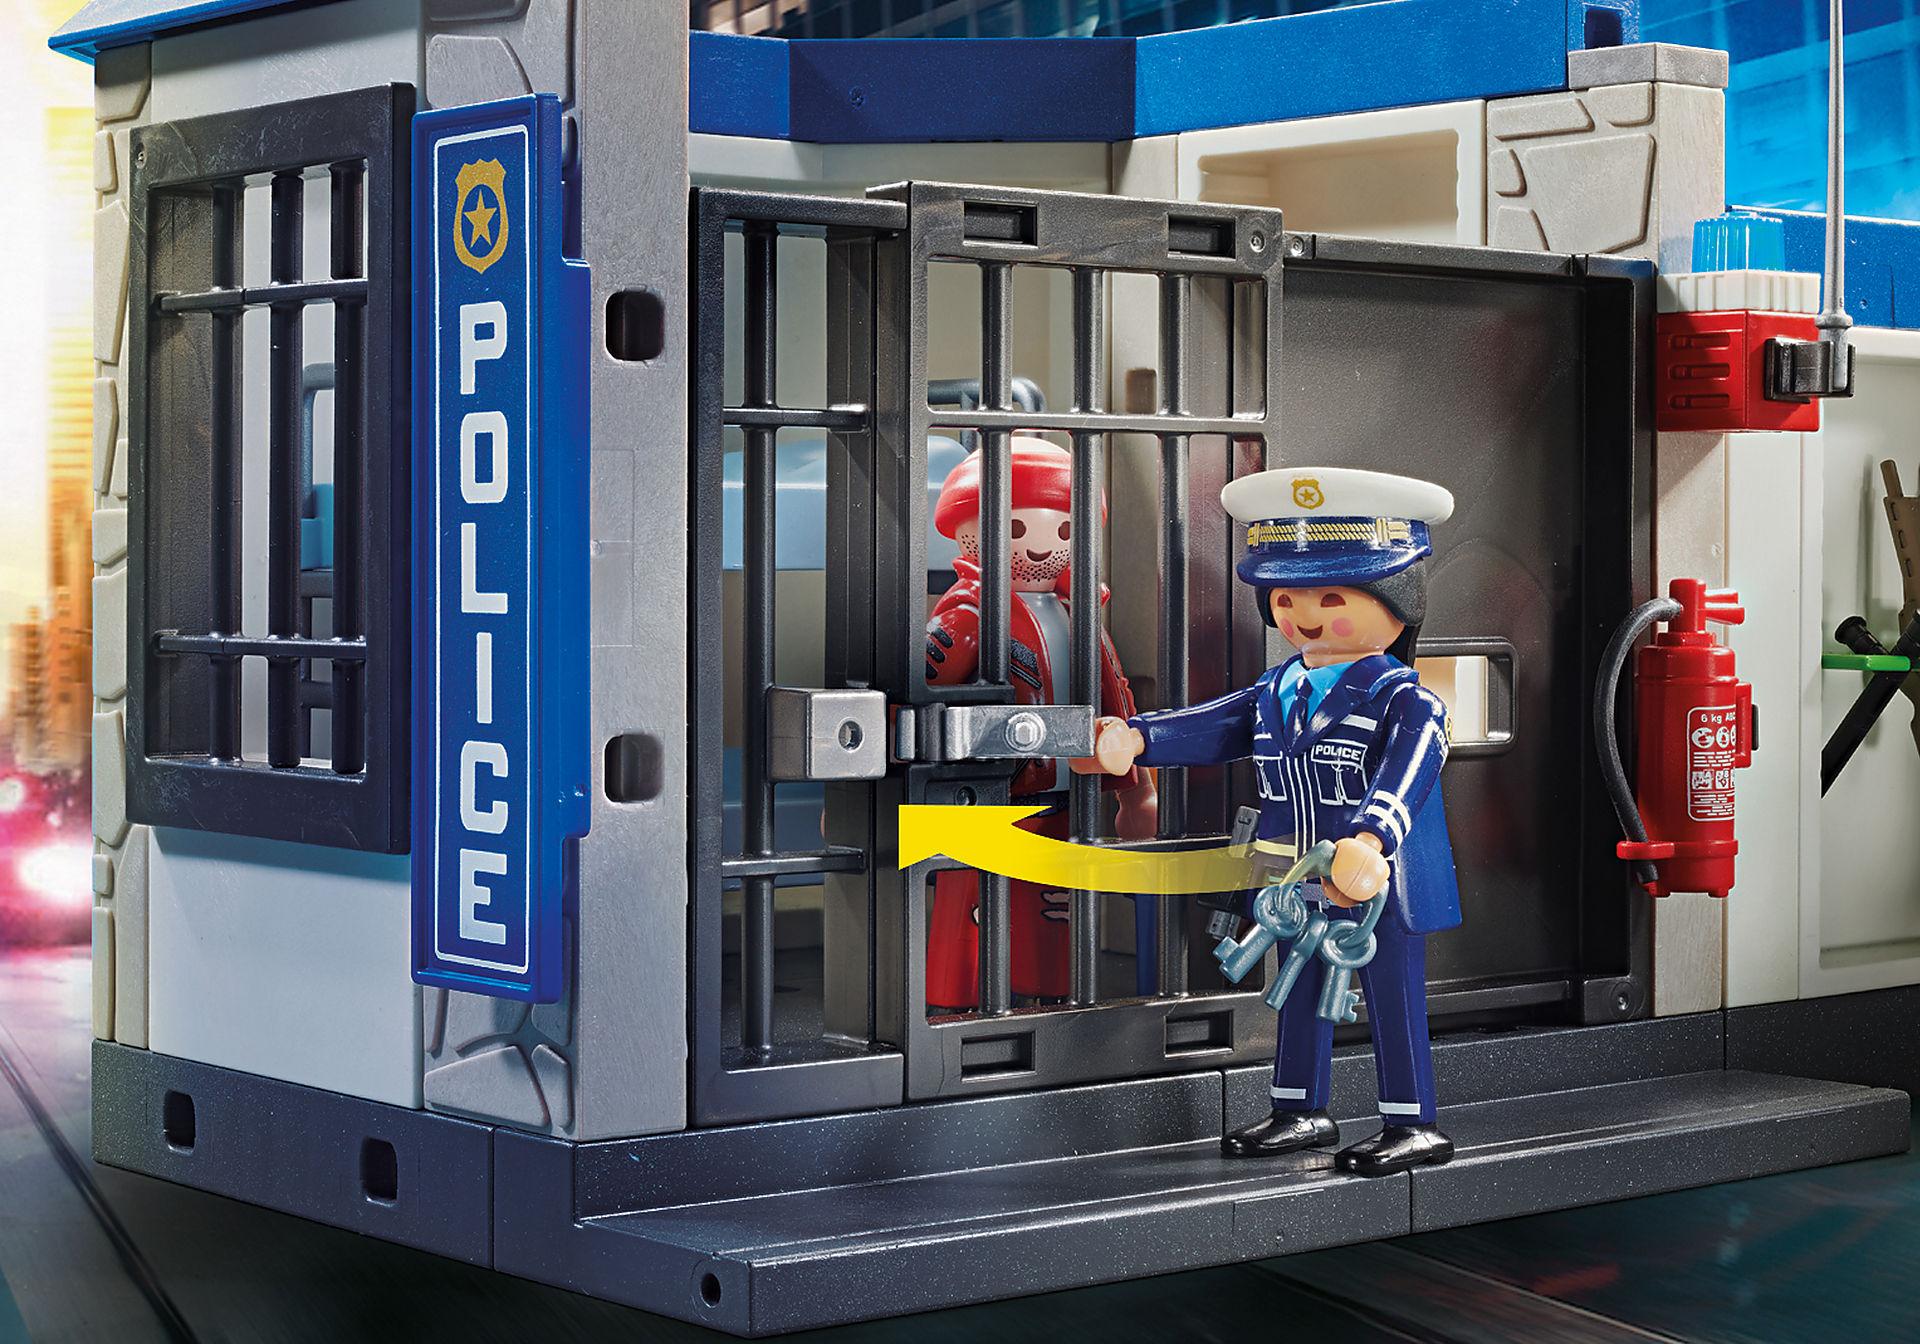 70568 Polícia: Fugir da prisão zoom image5